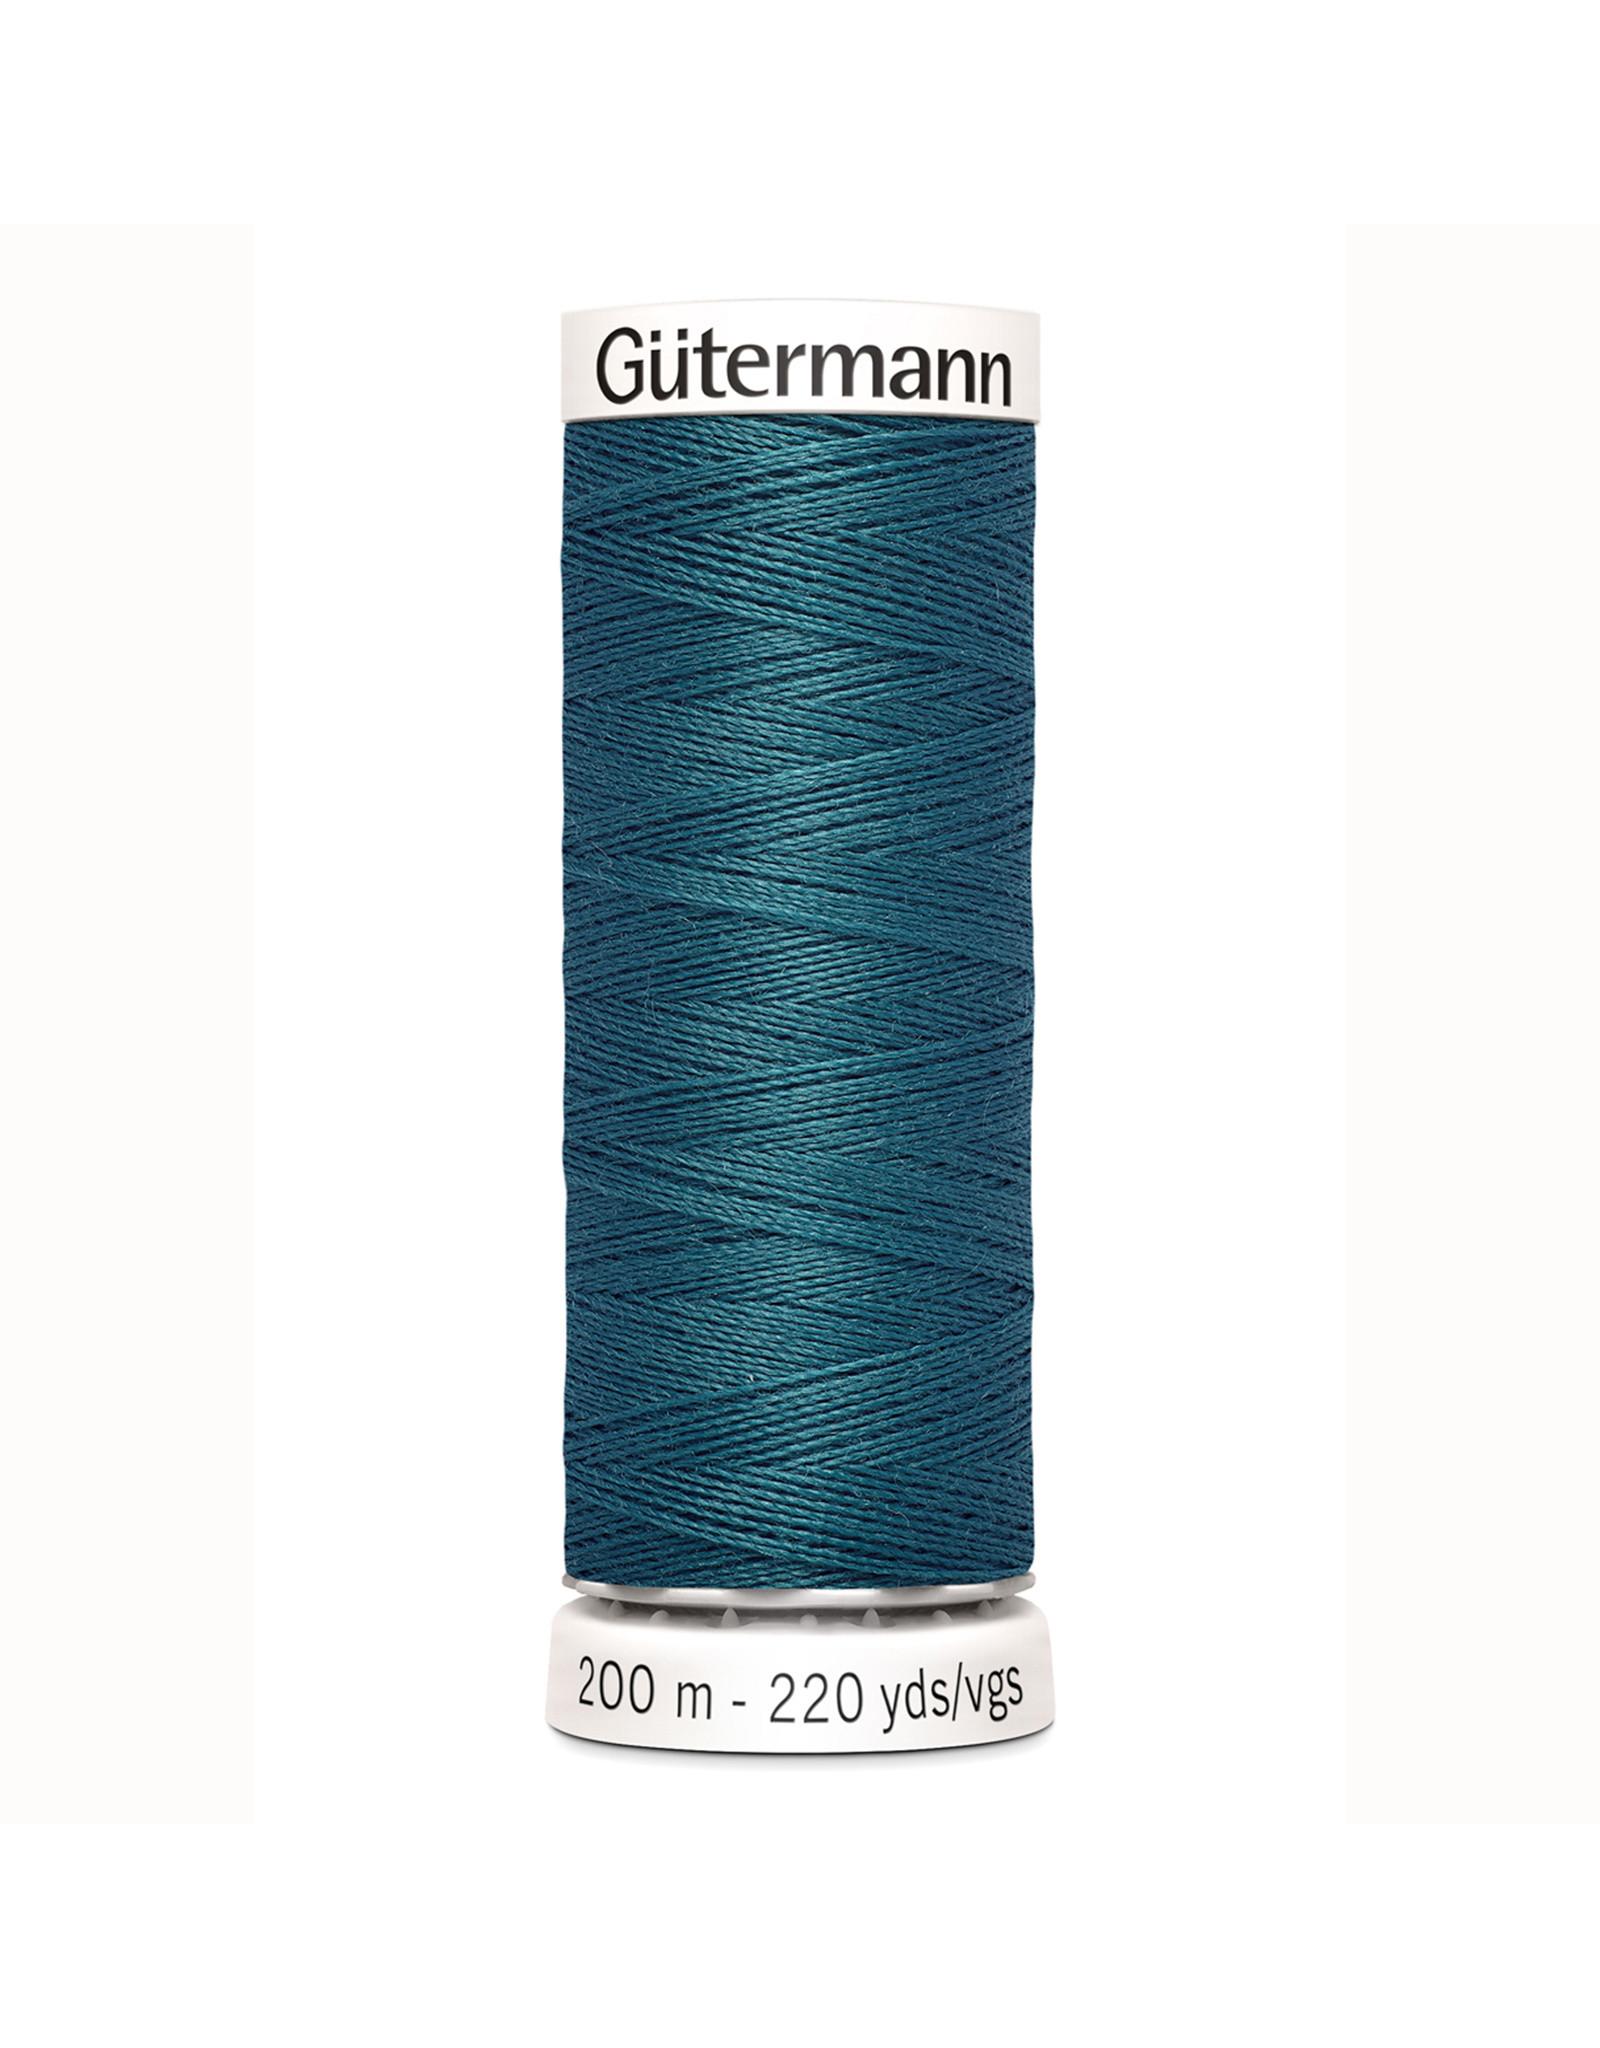 Gütermann Gütermann Sewing Thread 200 m - nr 223